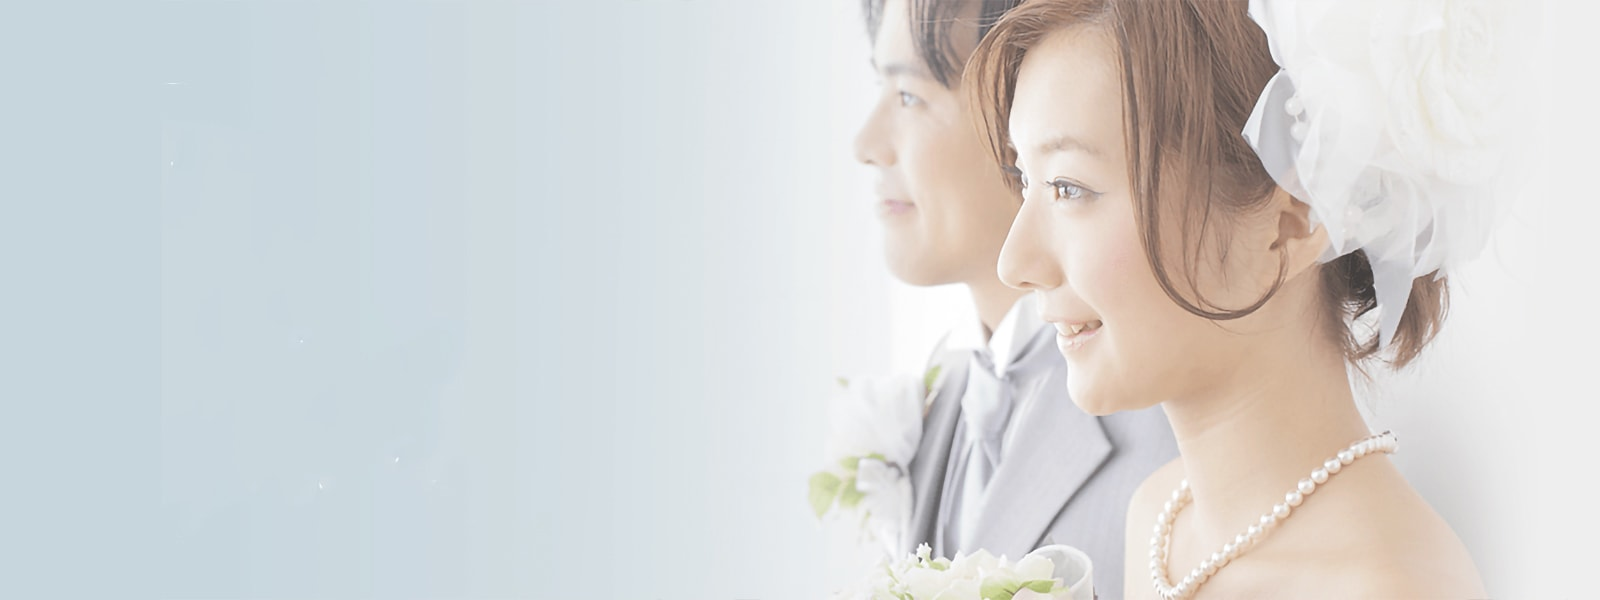 新郎・新婦の写真